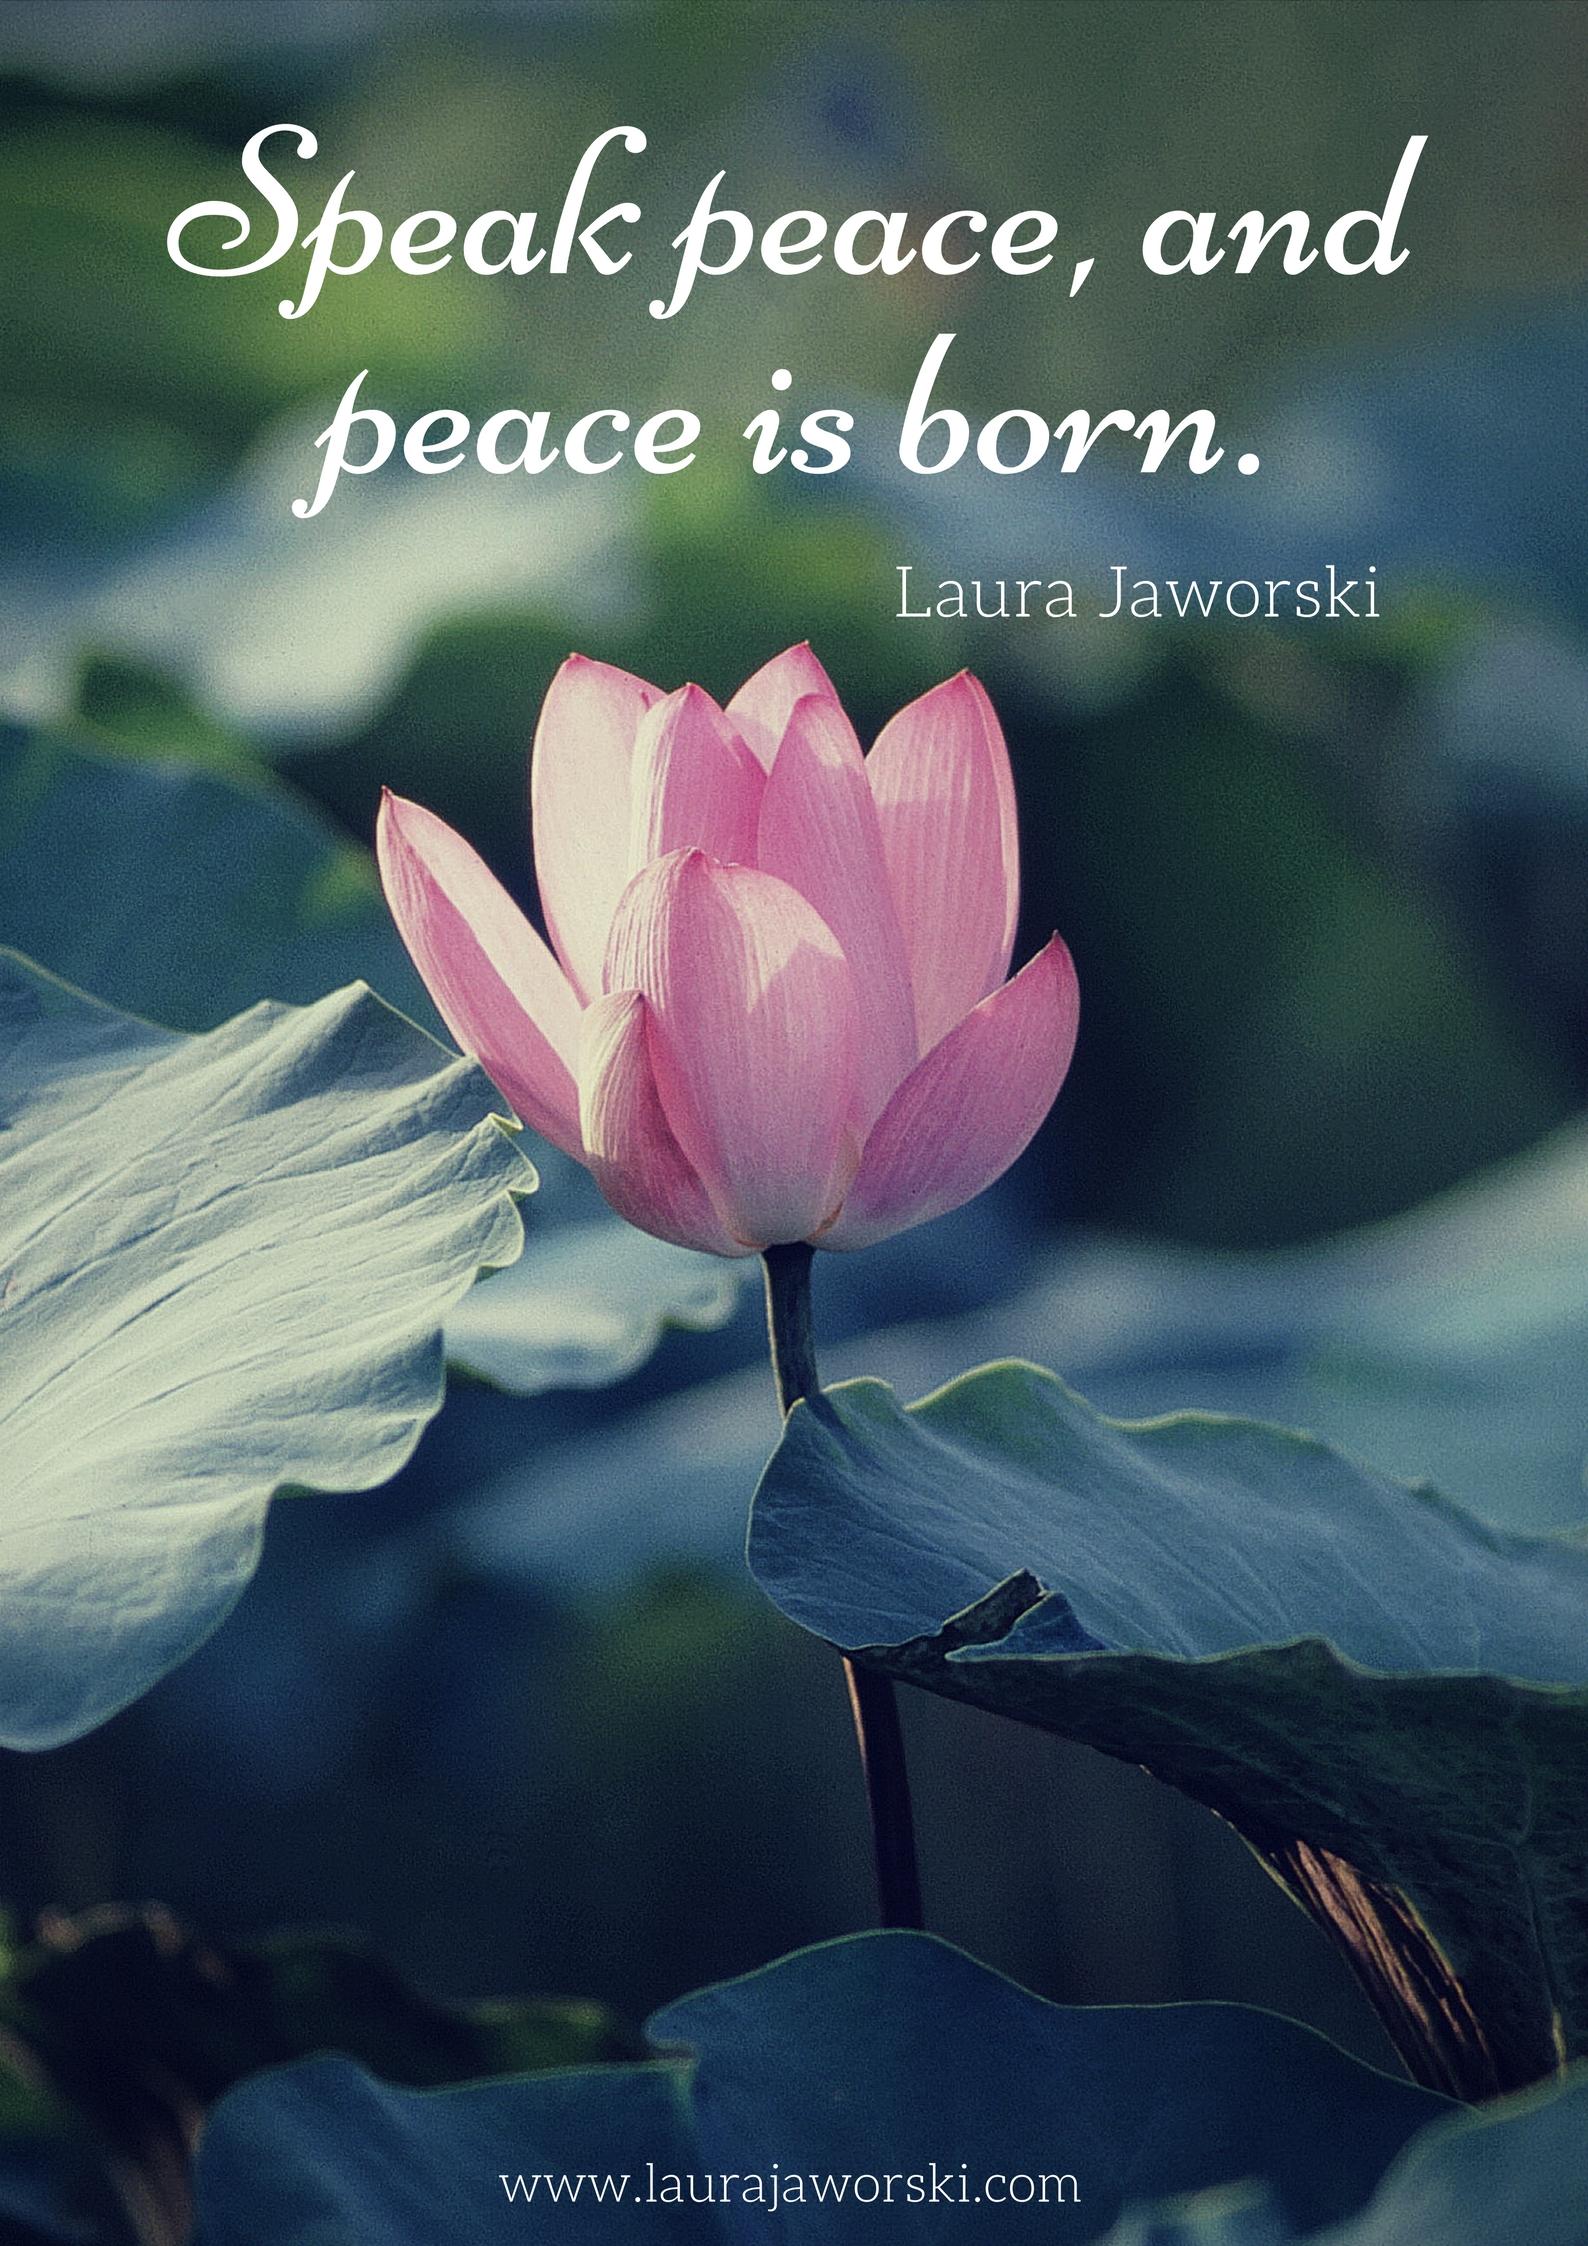 Peace | www.laurajaworski.com